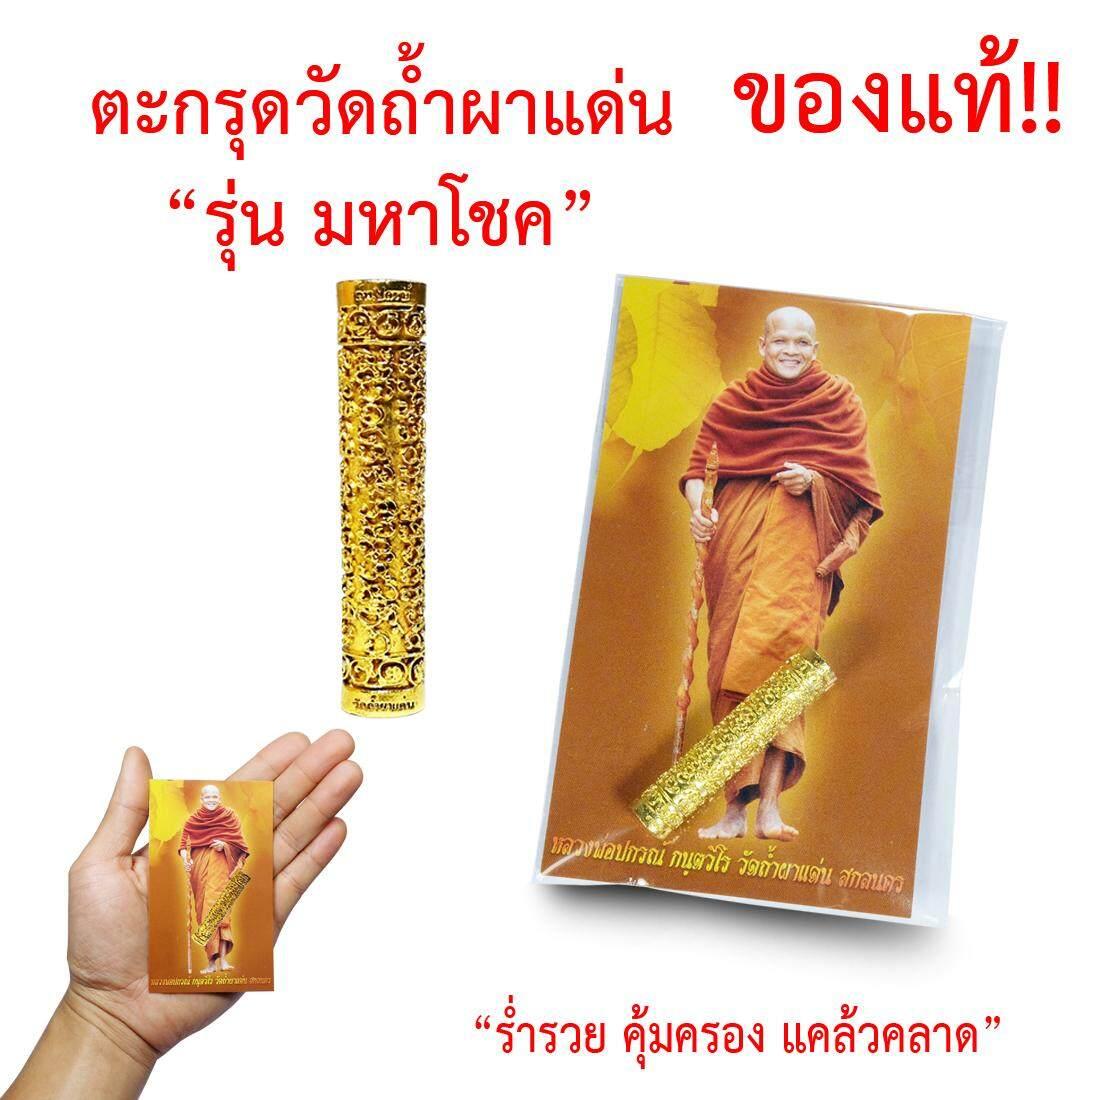 ตะกรุดวัดถ้ำผาแด่น ตะกรุดโทน ตะกรุดหล่อโบราณ รุ่นมหาโชค ค้าขาย ร่ำรวย คุ้มครอง แคล้วคลาด ของแท้ 100% ส่งด่วนจากในประเทศ By Thaitanic.